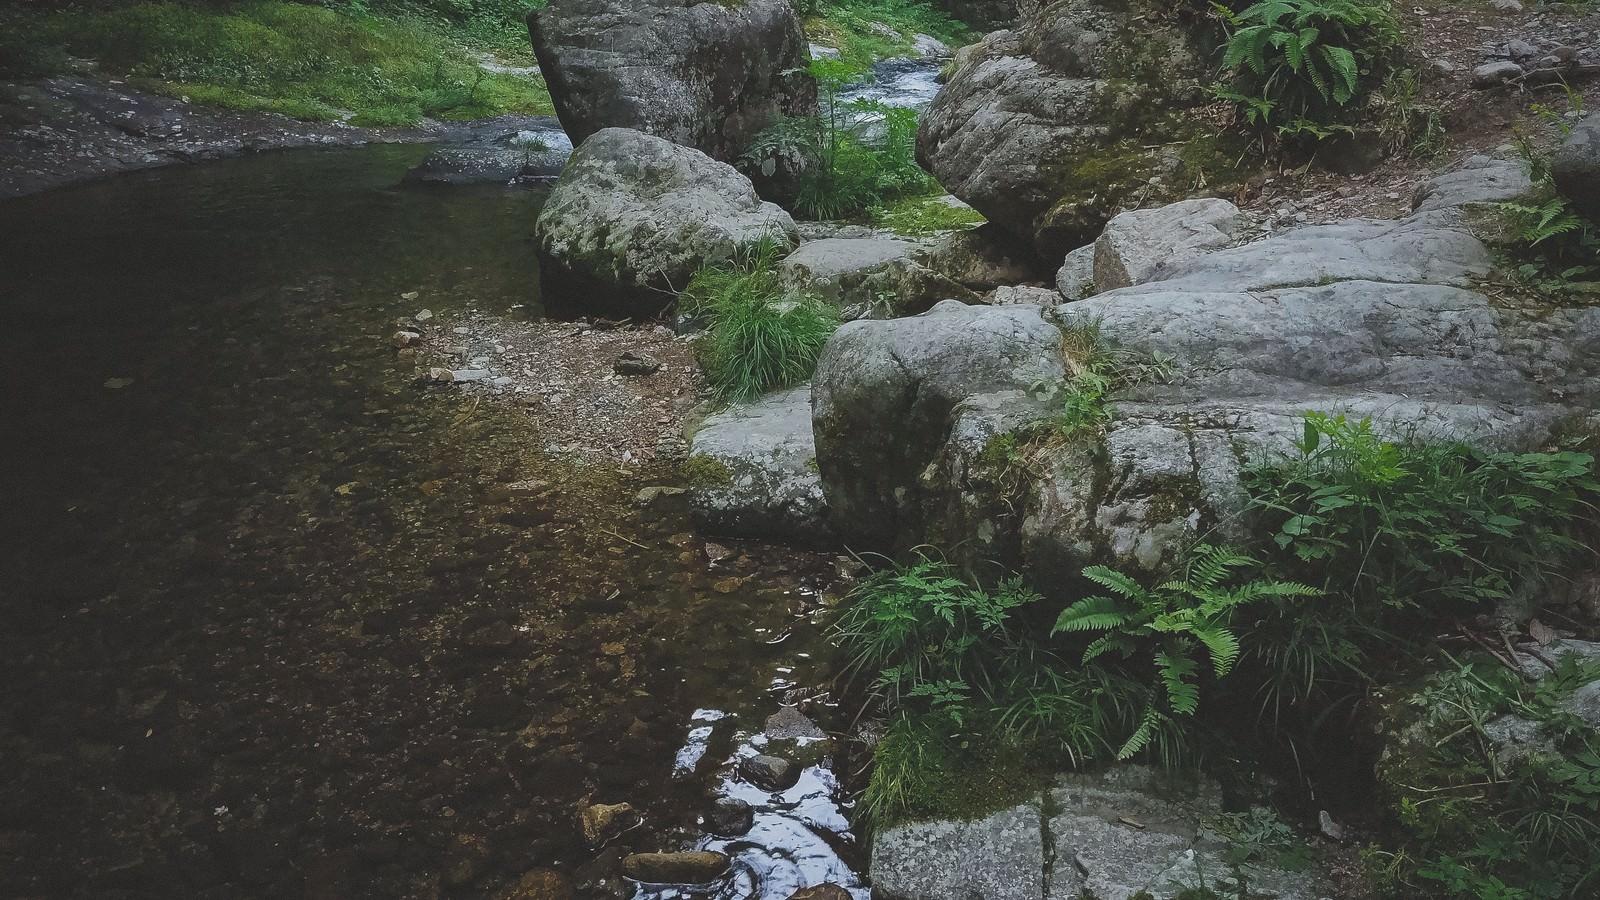 「河辺(白賀渓谷)河辺(白賀渓谷)」のフリー写真素材を拡大